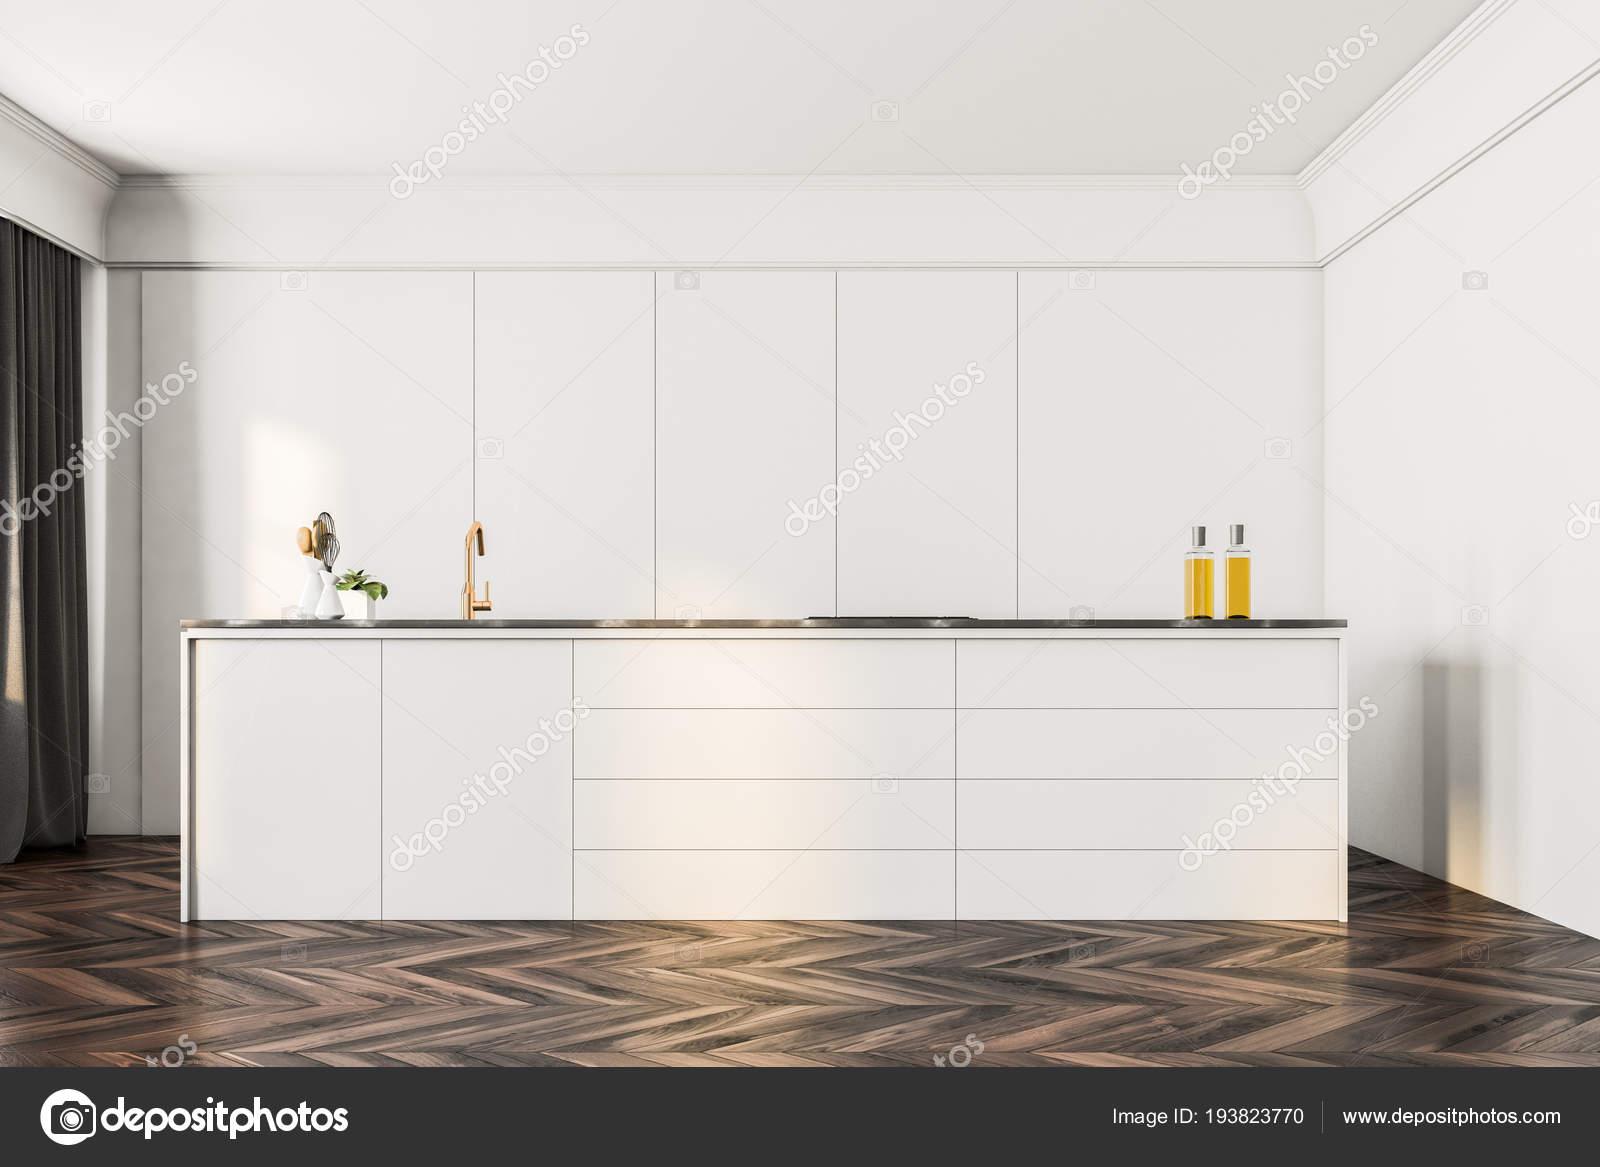 Minimalistische witte keuken interieur met een donkere houten